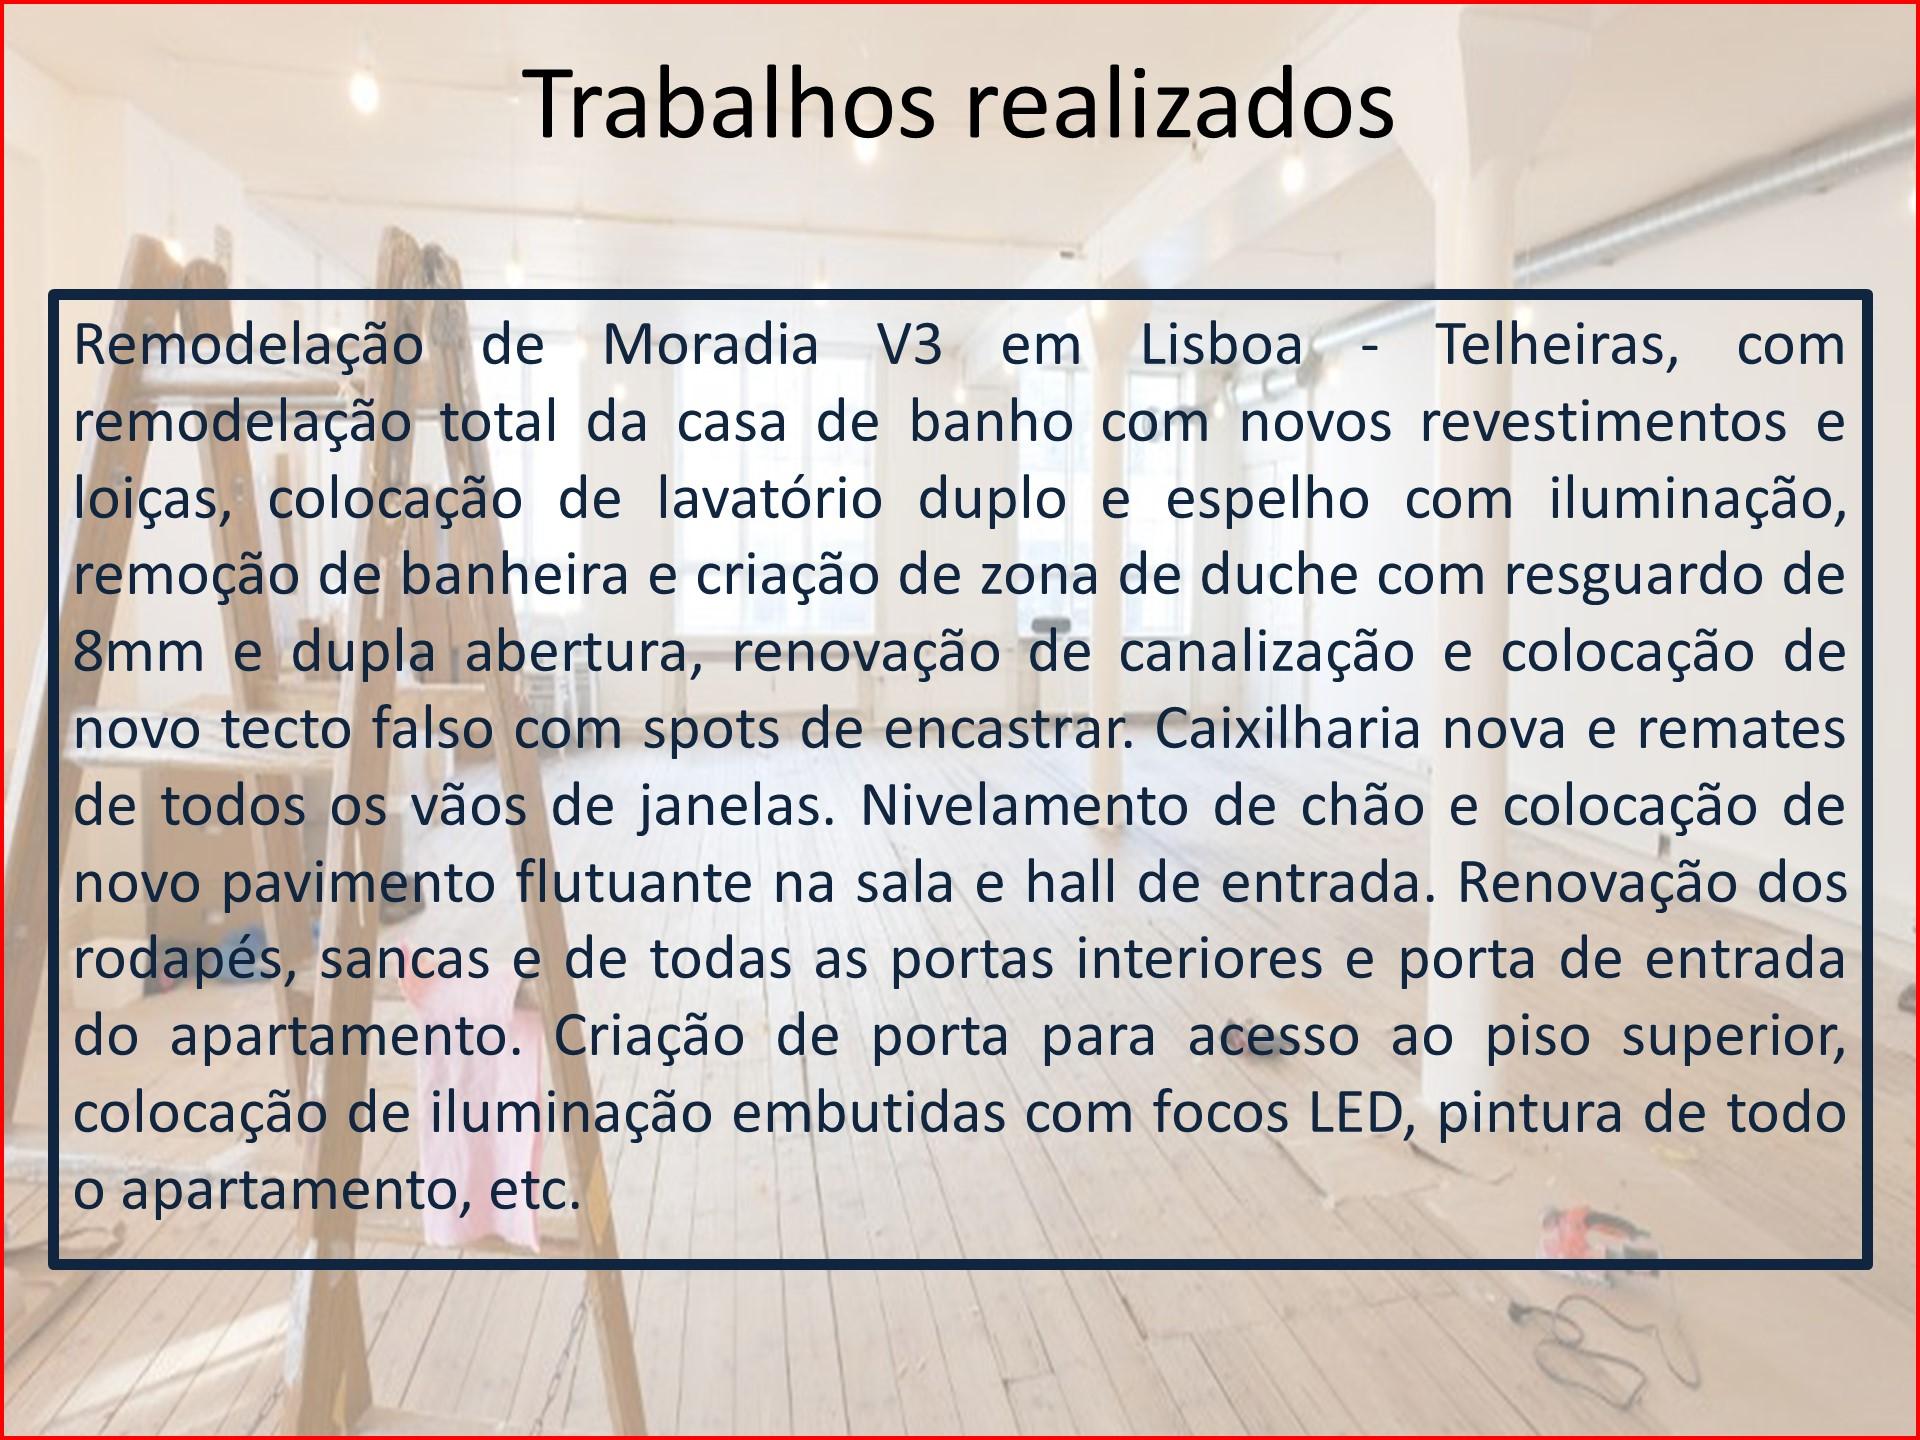 Remodelação Moradia V3 Telheiras - Descrição 2